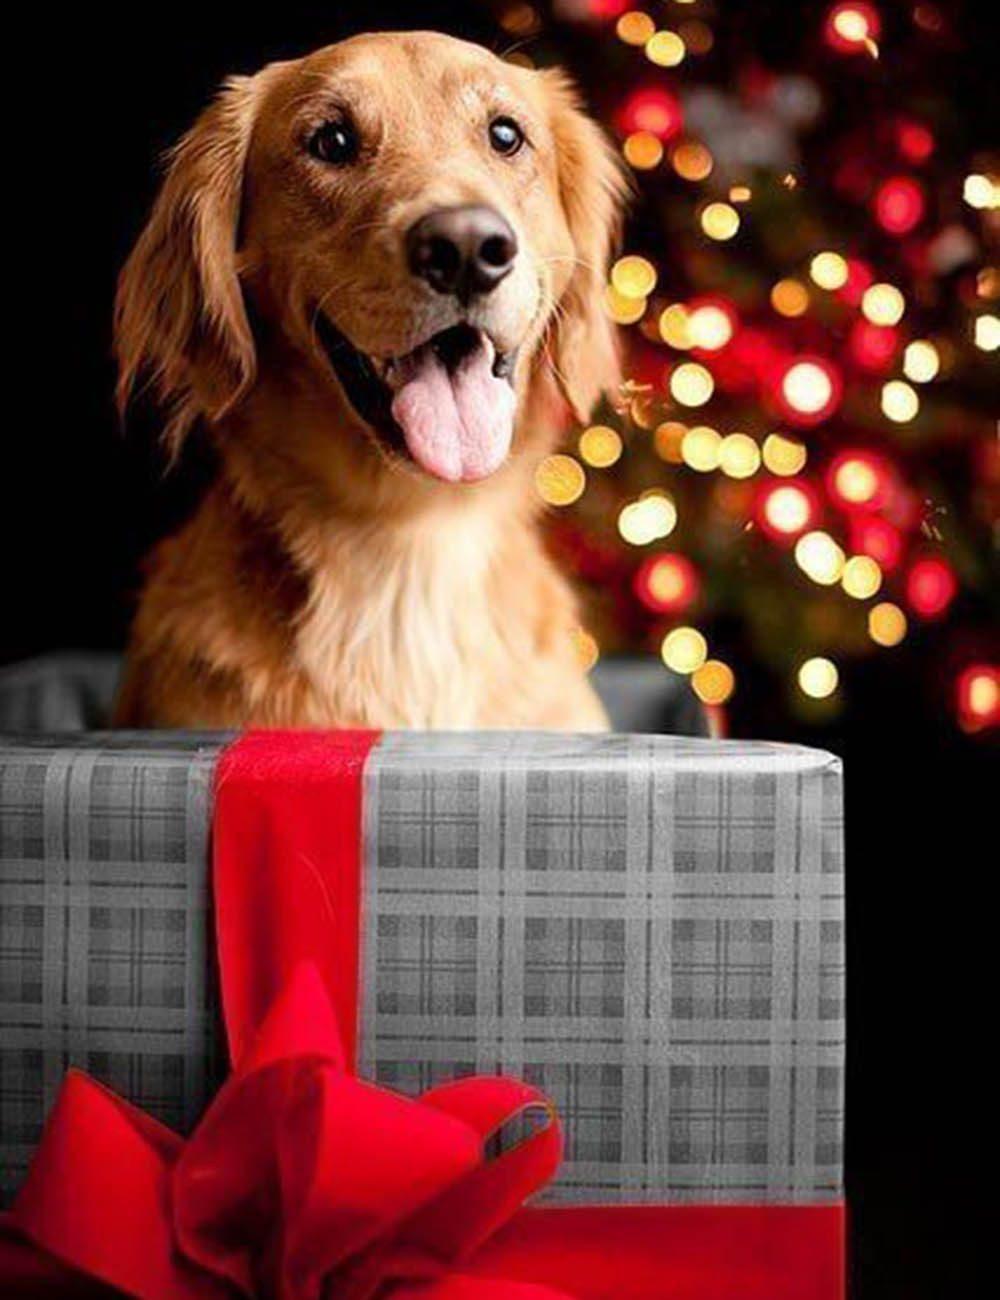 Chiens Noël : surprise! Je suis là! C'est moi ton plus beau cadeau!